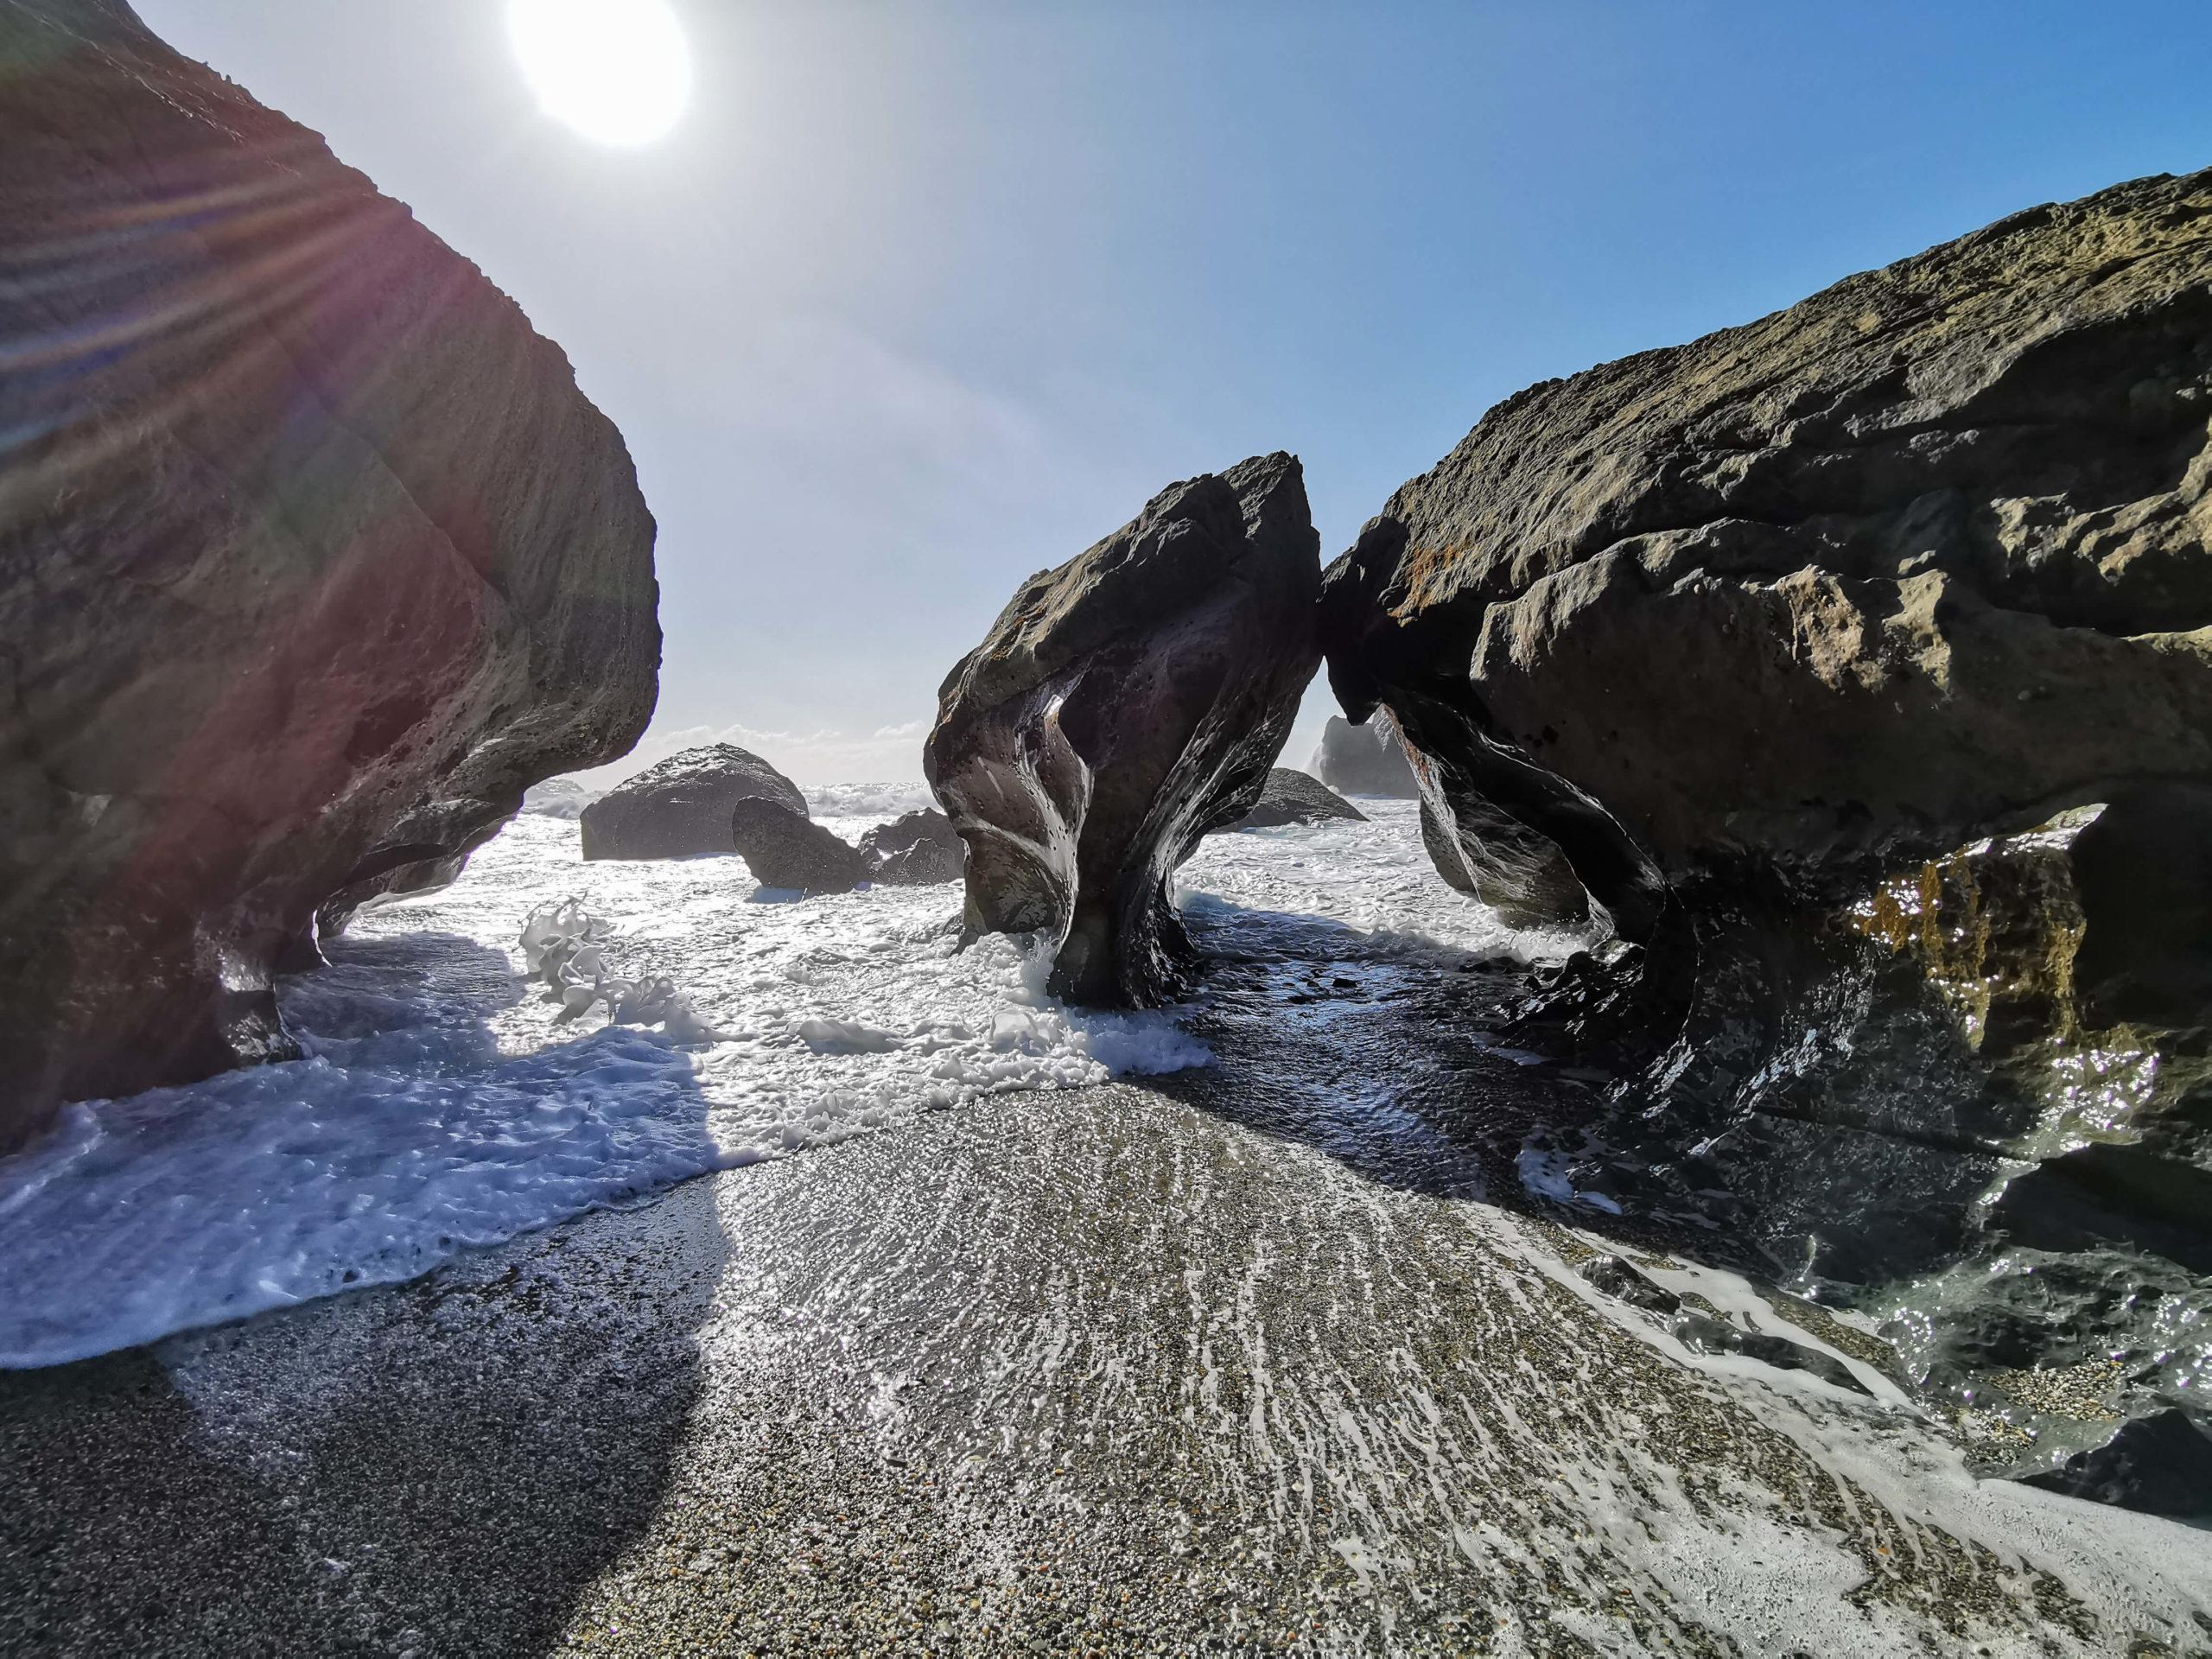 Rocks et mer montante cave naturelle Waitati Nouvelle-Zélande